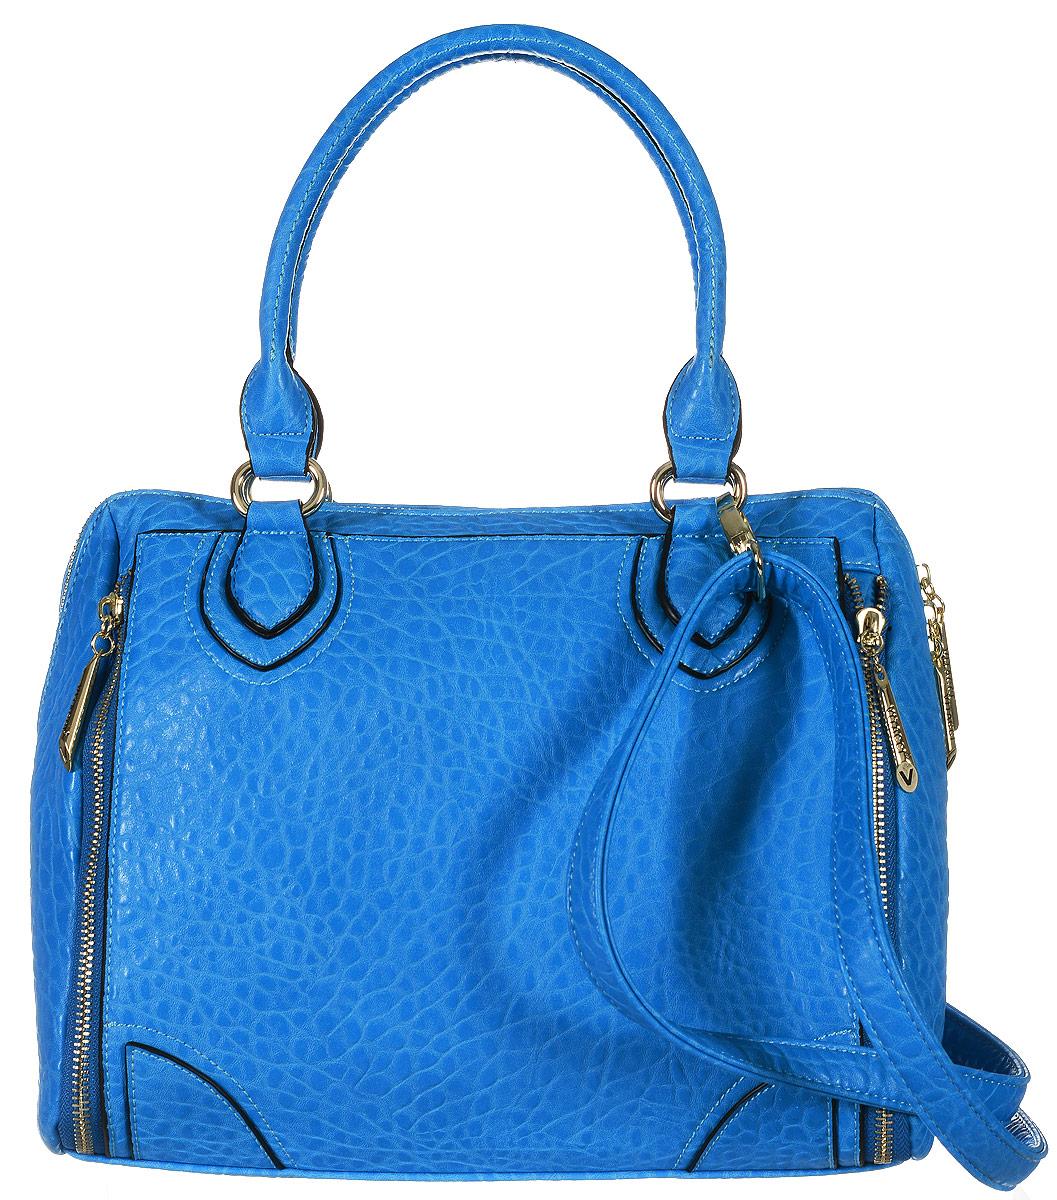 Сумка женская Vitacci, цвет: синий. 63501-163501-1Изысканная женская сумка Vitacci выполнена из качественной искусственной кожи. Сумка закрывается на замок-молнию. Удобные ручки крепятся к корпусу сумки на металлическую фурнитуру золотистого цвета. Внутри одно отделение. Вместительное внутреннее отделение содержит два накладных кармана для телефона и мелких принадлежностей, врезной карман на молнии, и отдельный глубокий карман на замке-молнии. Снаружи на задней стенке сумки размещен вшитый карман на молнии. Спереди, по бокам, модель декорирована вшитыми змейками-обманками, выполненные из металлической фурнитуры золотистого цвета. Сумка оснащена съемным плечевым ремнем регулируемой длины, которые позволят носить изделие как в руках так и на плече. Практичная и стильная сумка прекрасно завершит ваш образ.